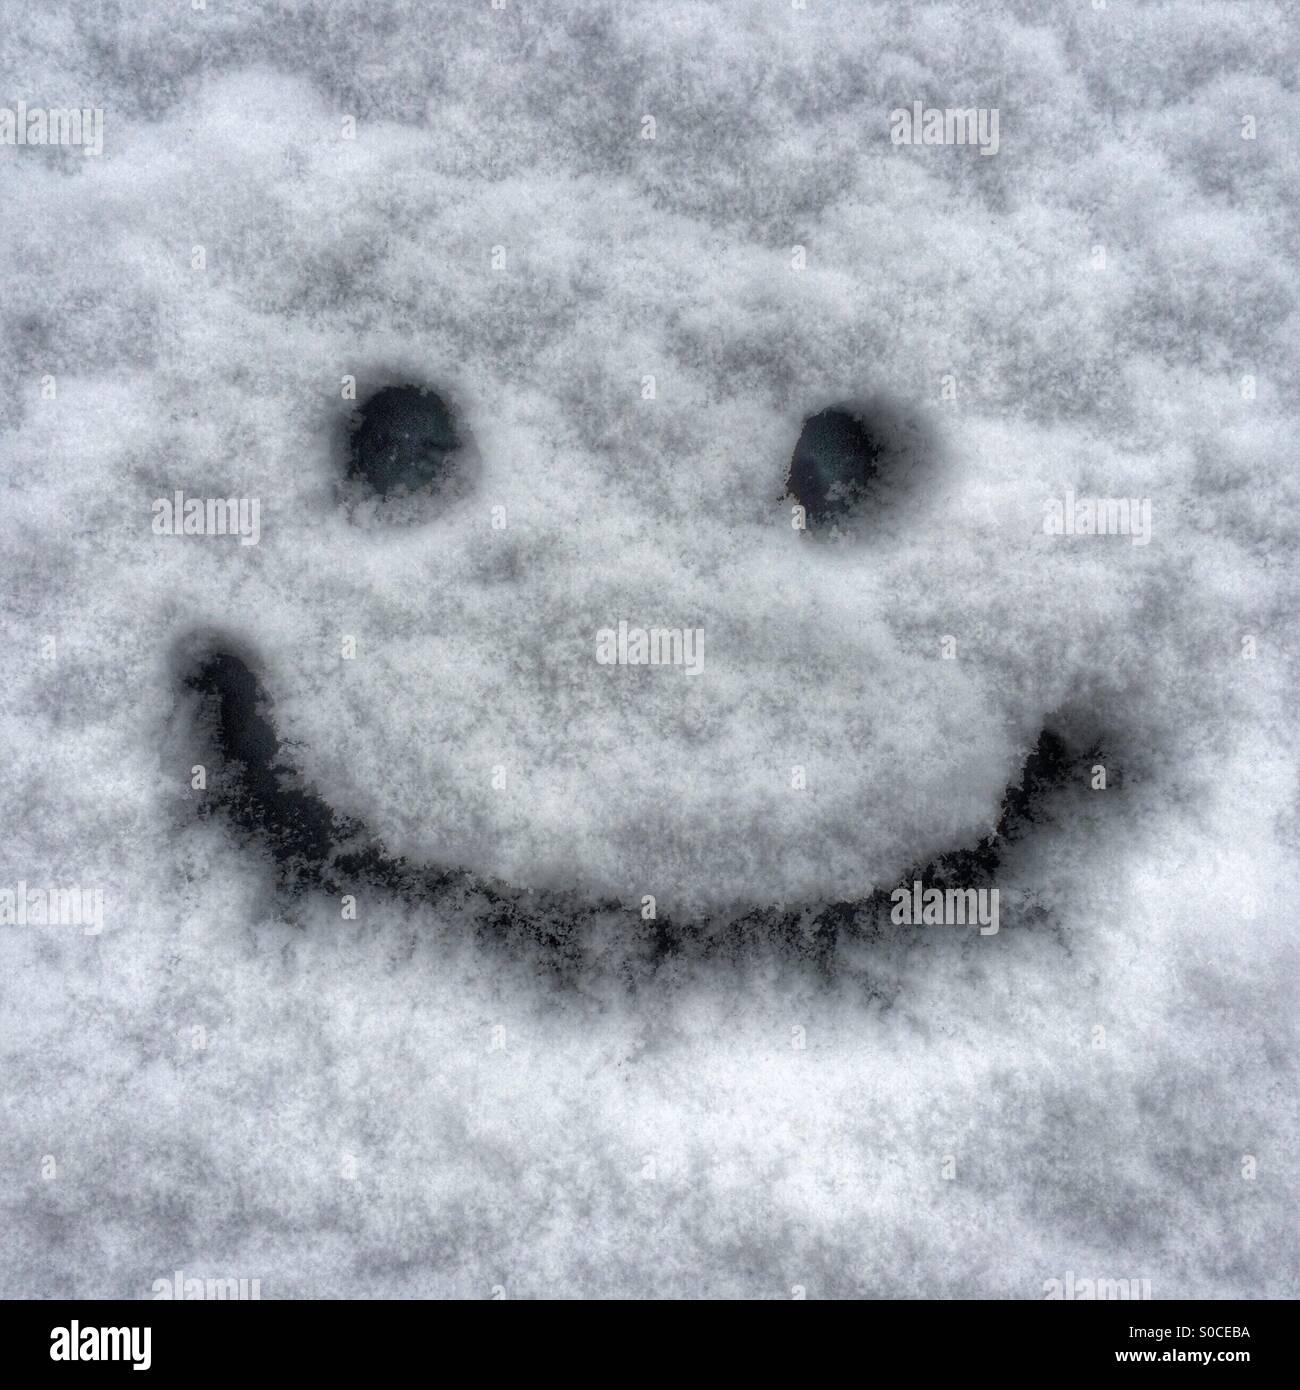 Ne vous inquiétez pas, être heureux - un smiley dessiné sur un pare-brise de voiture enneigée Photo Stock